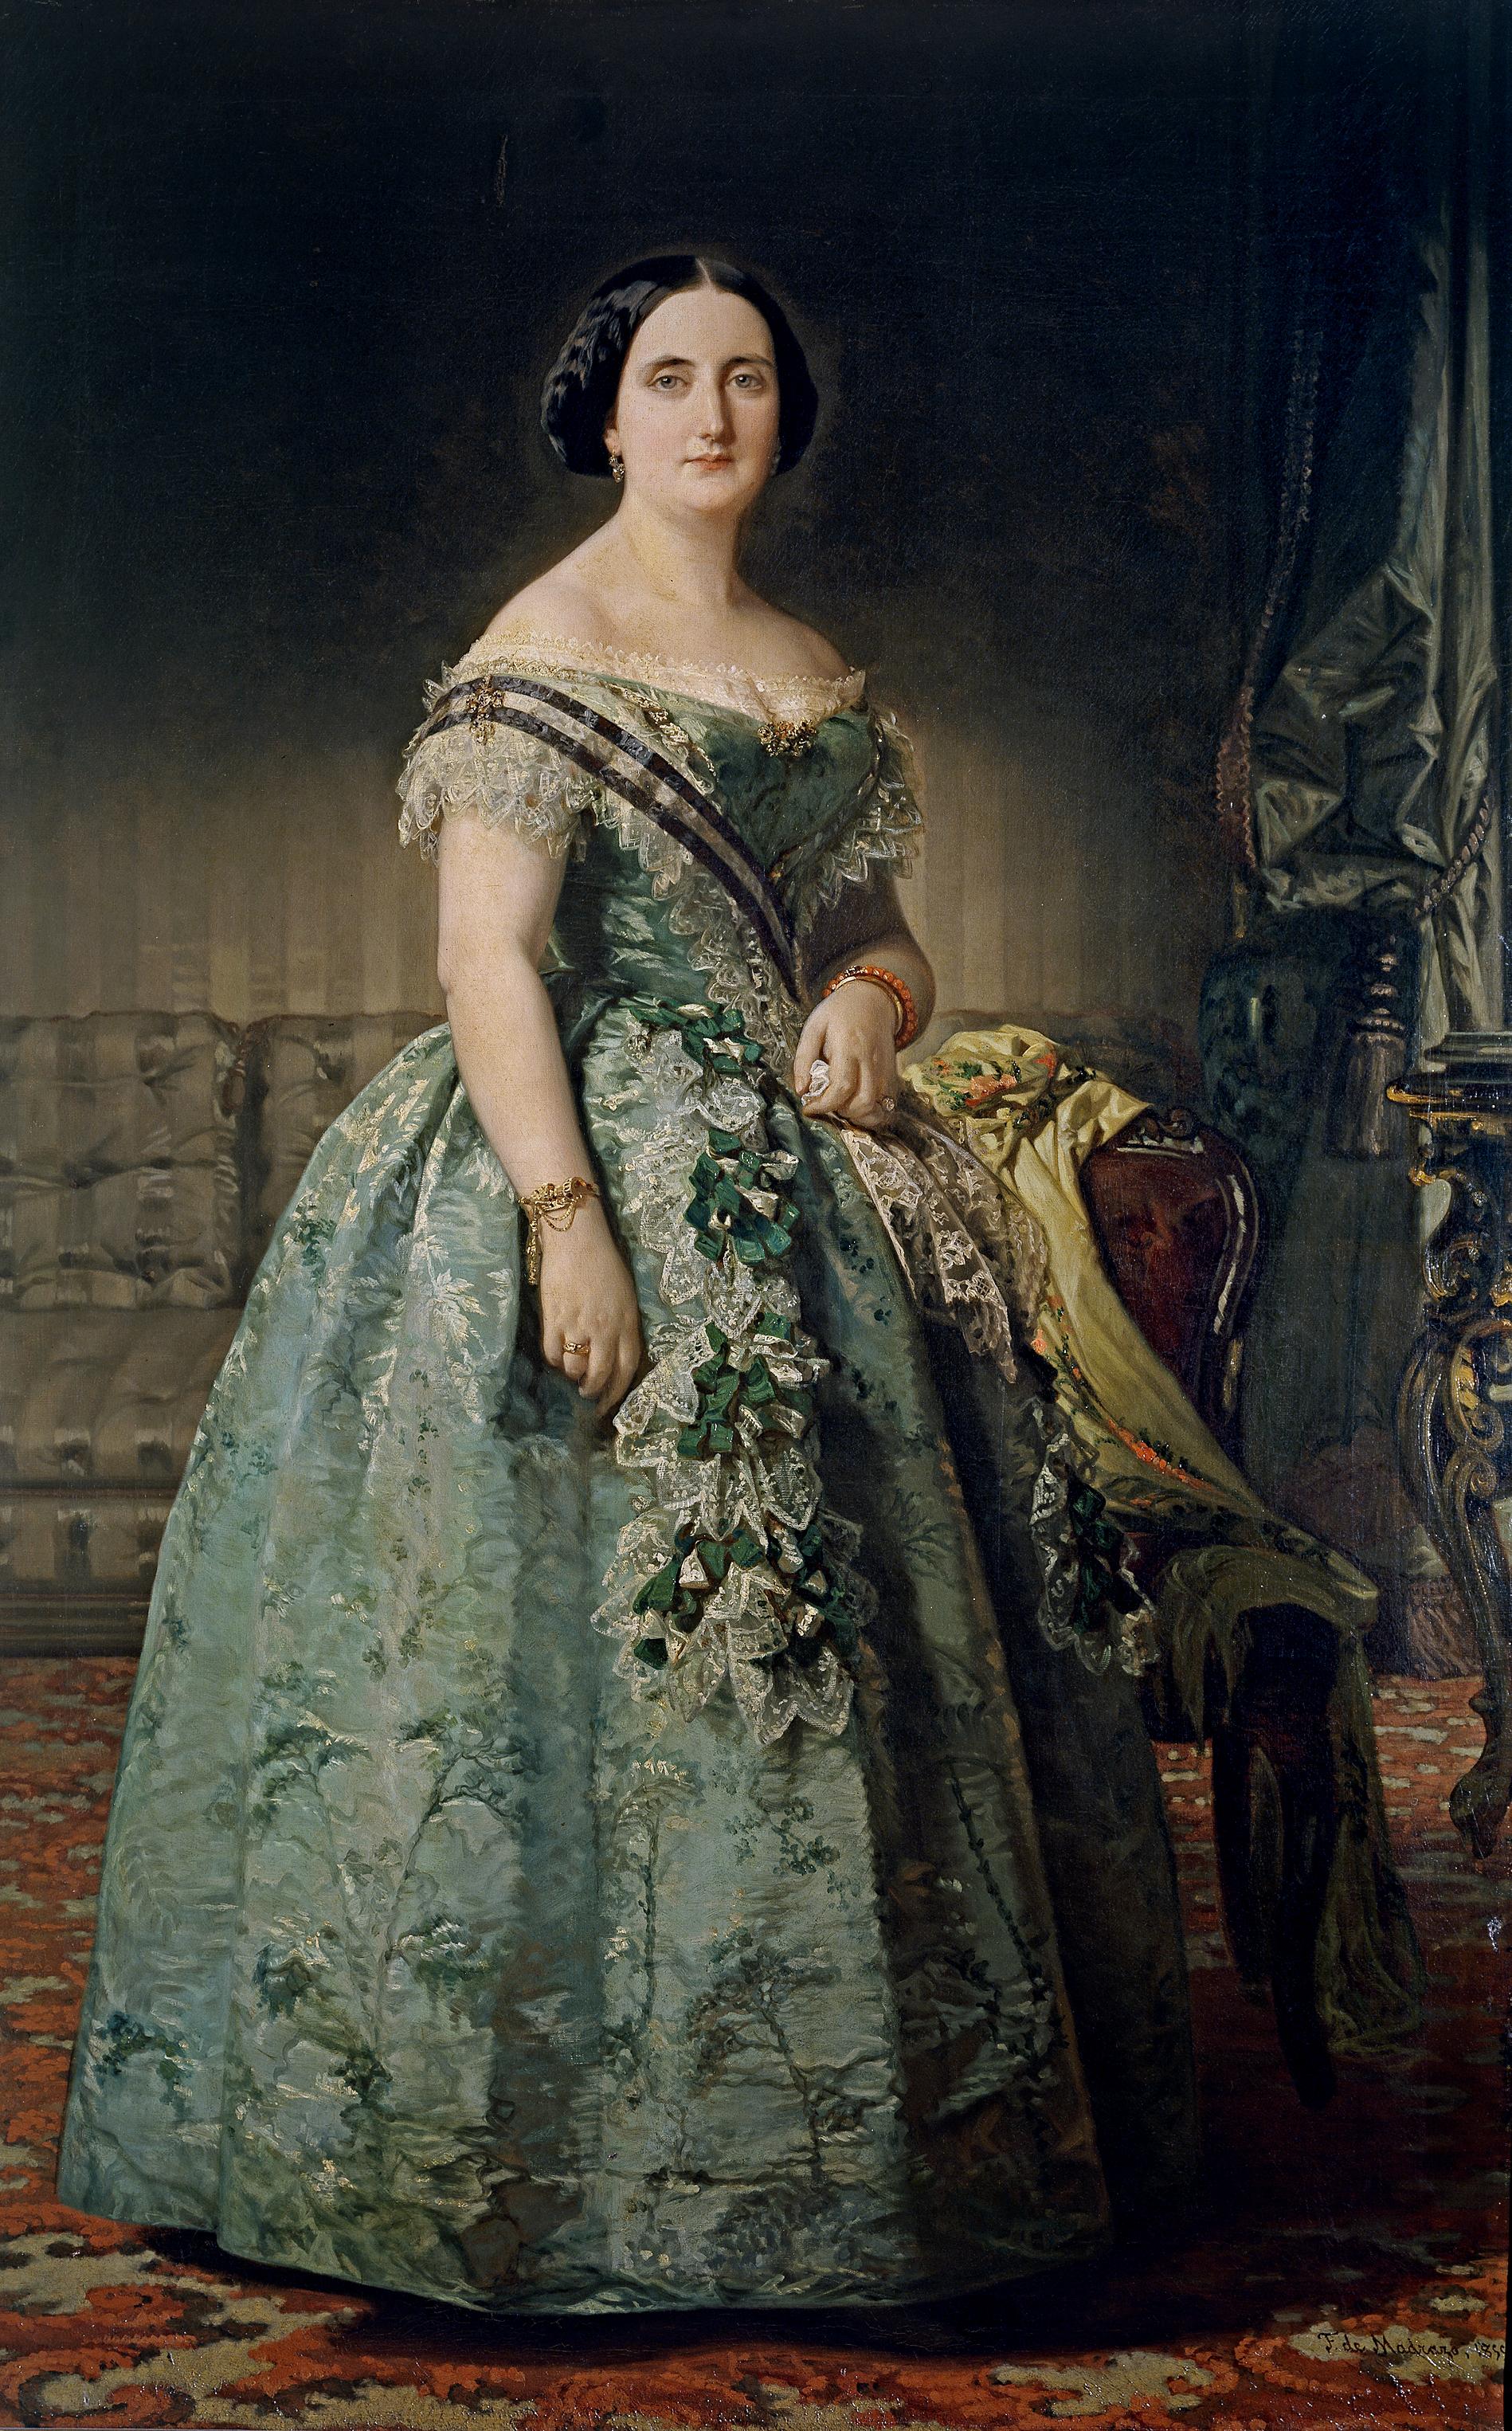 https://upload.wikimedia.org/wikipedia/commons/6/63/Josefa_Coello_de_Portugal%2C_por_Federico_de_Madrazo.jpg